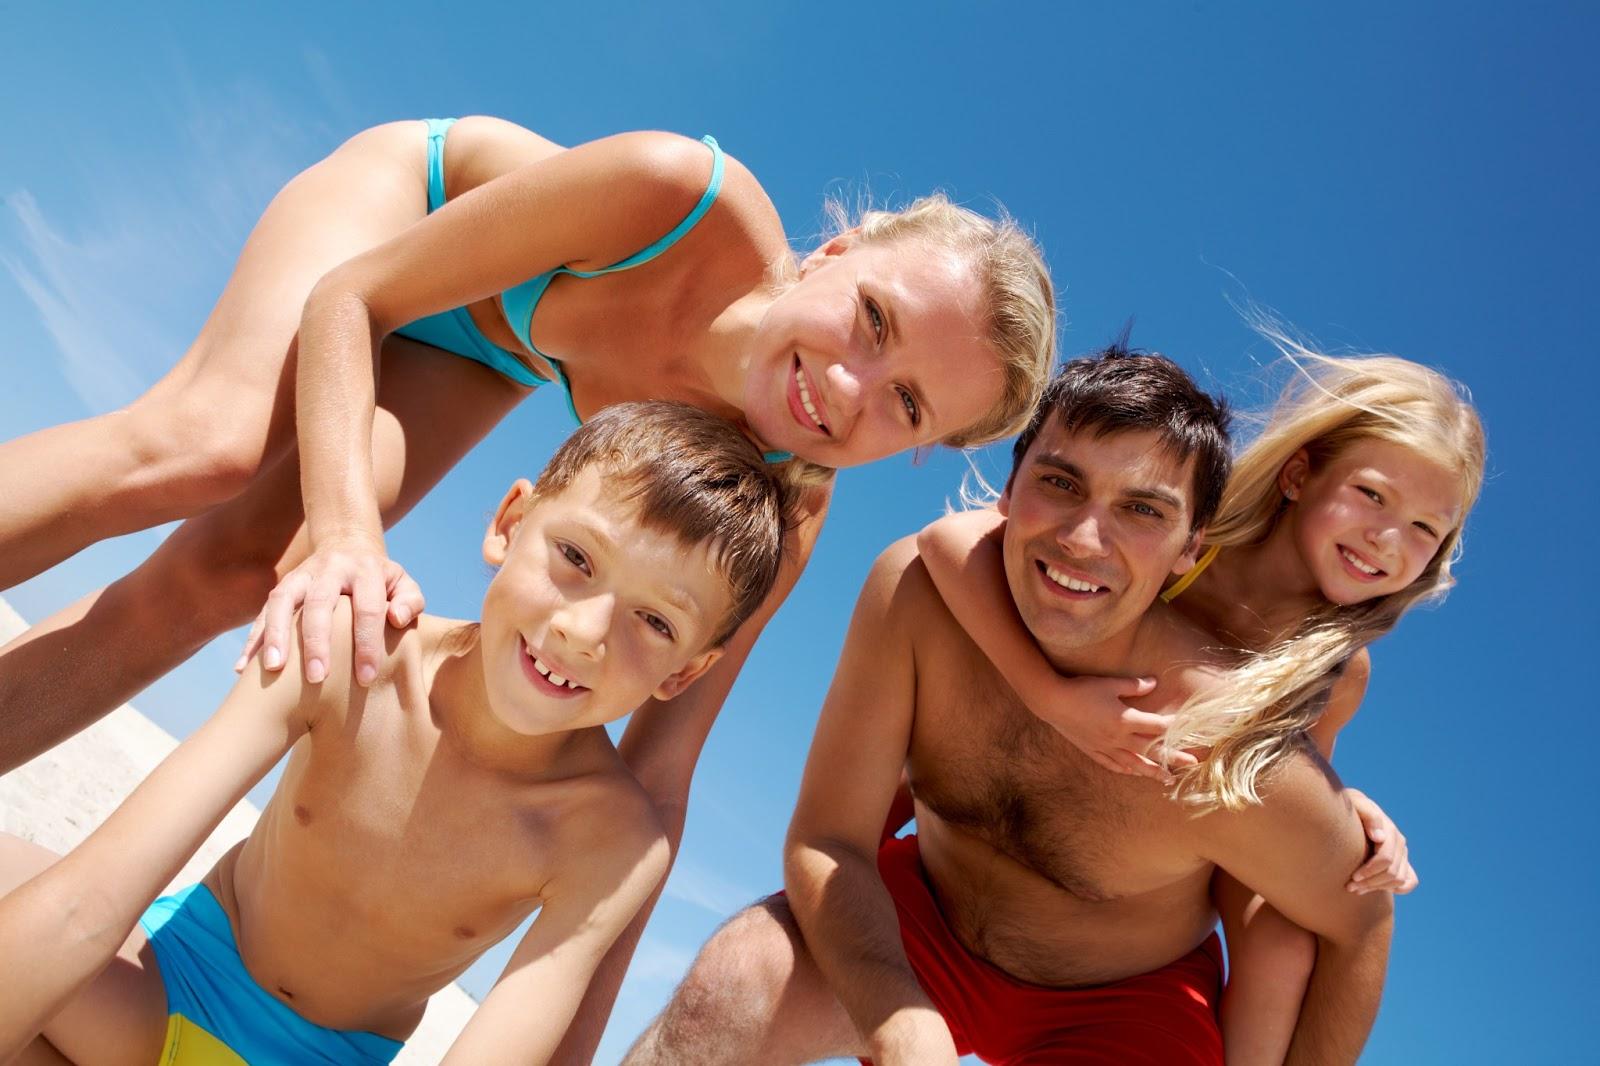 Фотографии нудистов семьями, Эксклюзивные фото семей нудистов 2 фотография